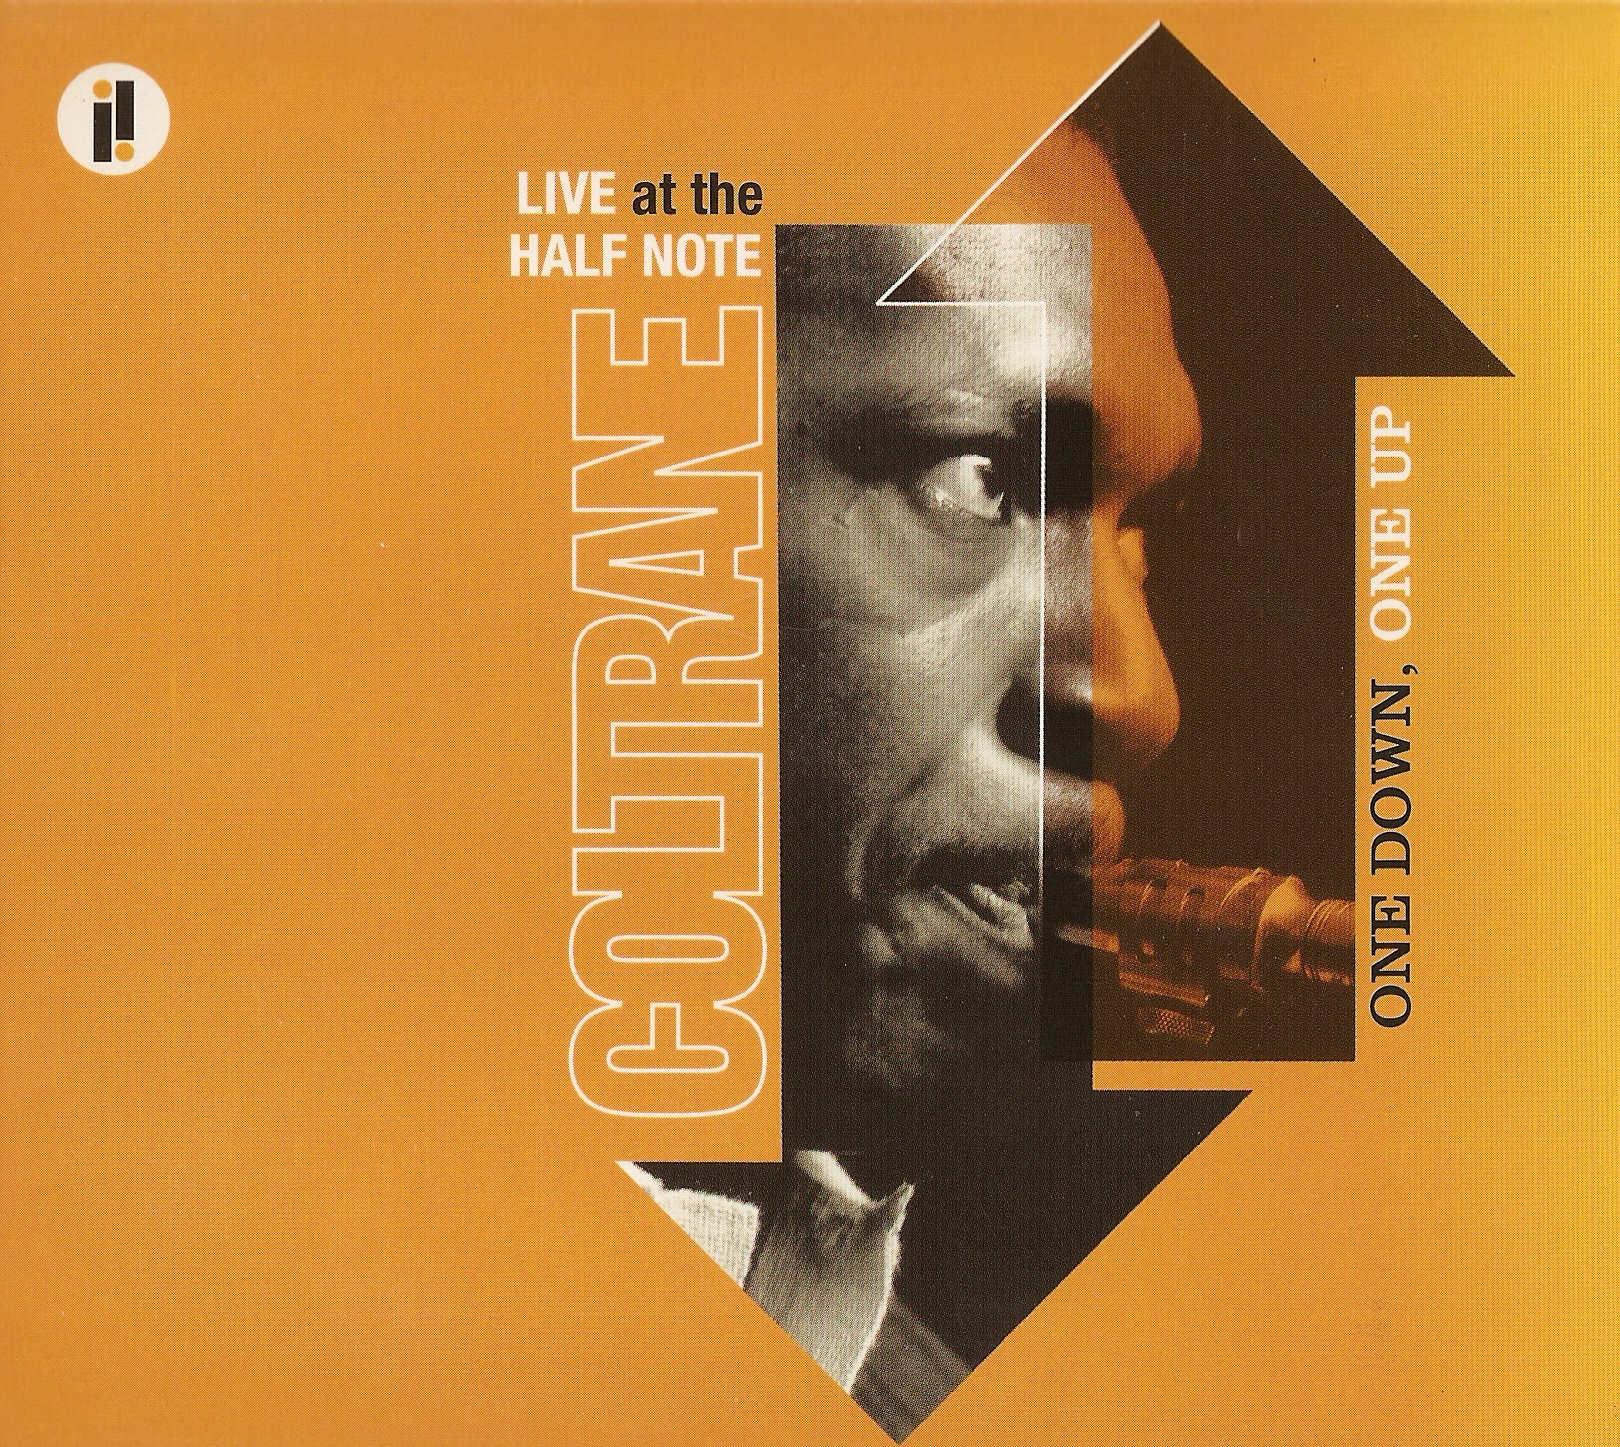 Ce que vous écoutez là tout de suite - Page 16 Coltrane-one-up